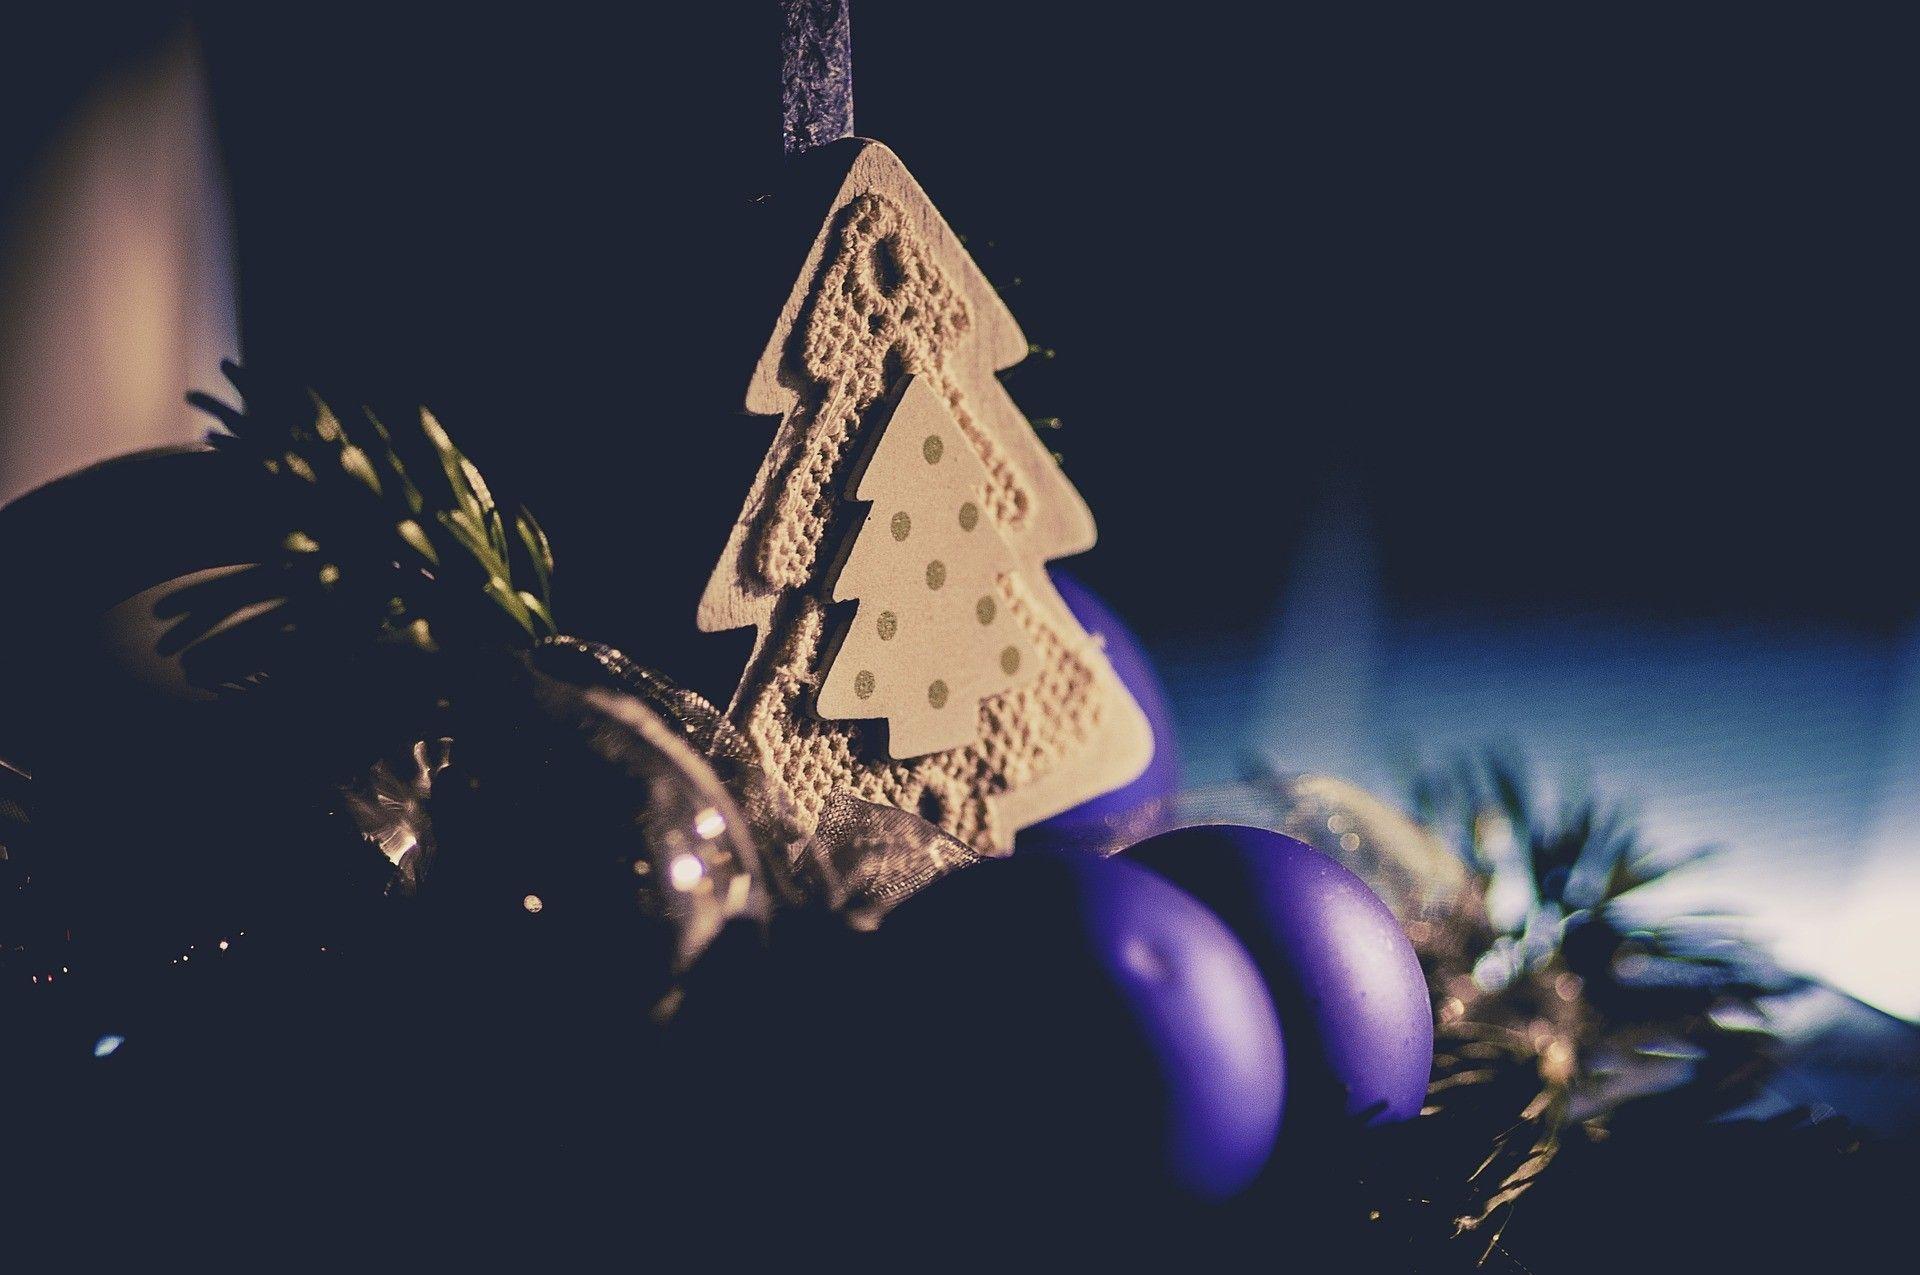 Schöne Deko Ideen zu Weihnachten - Trendomat.com